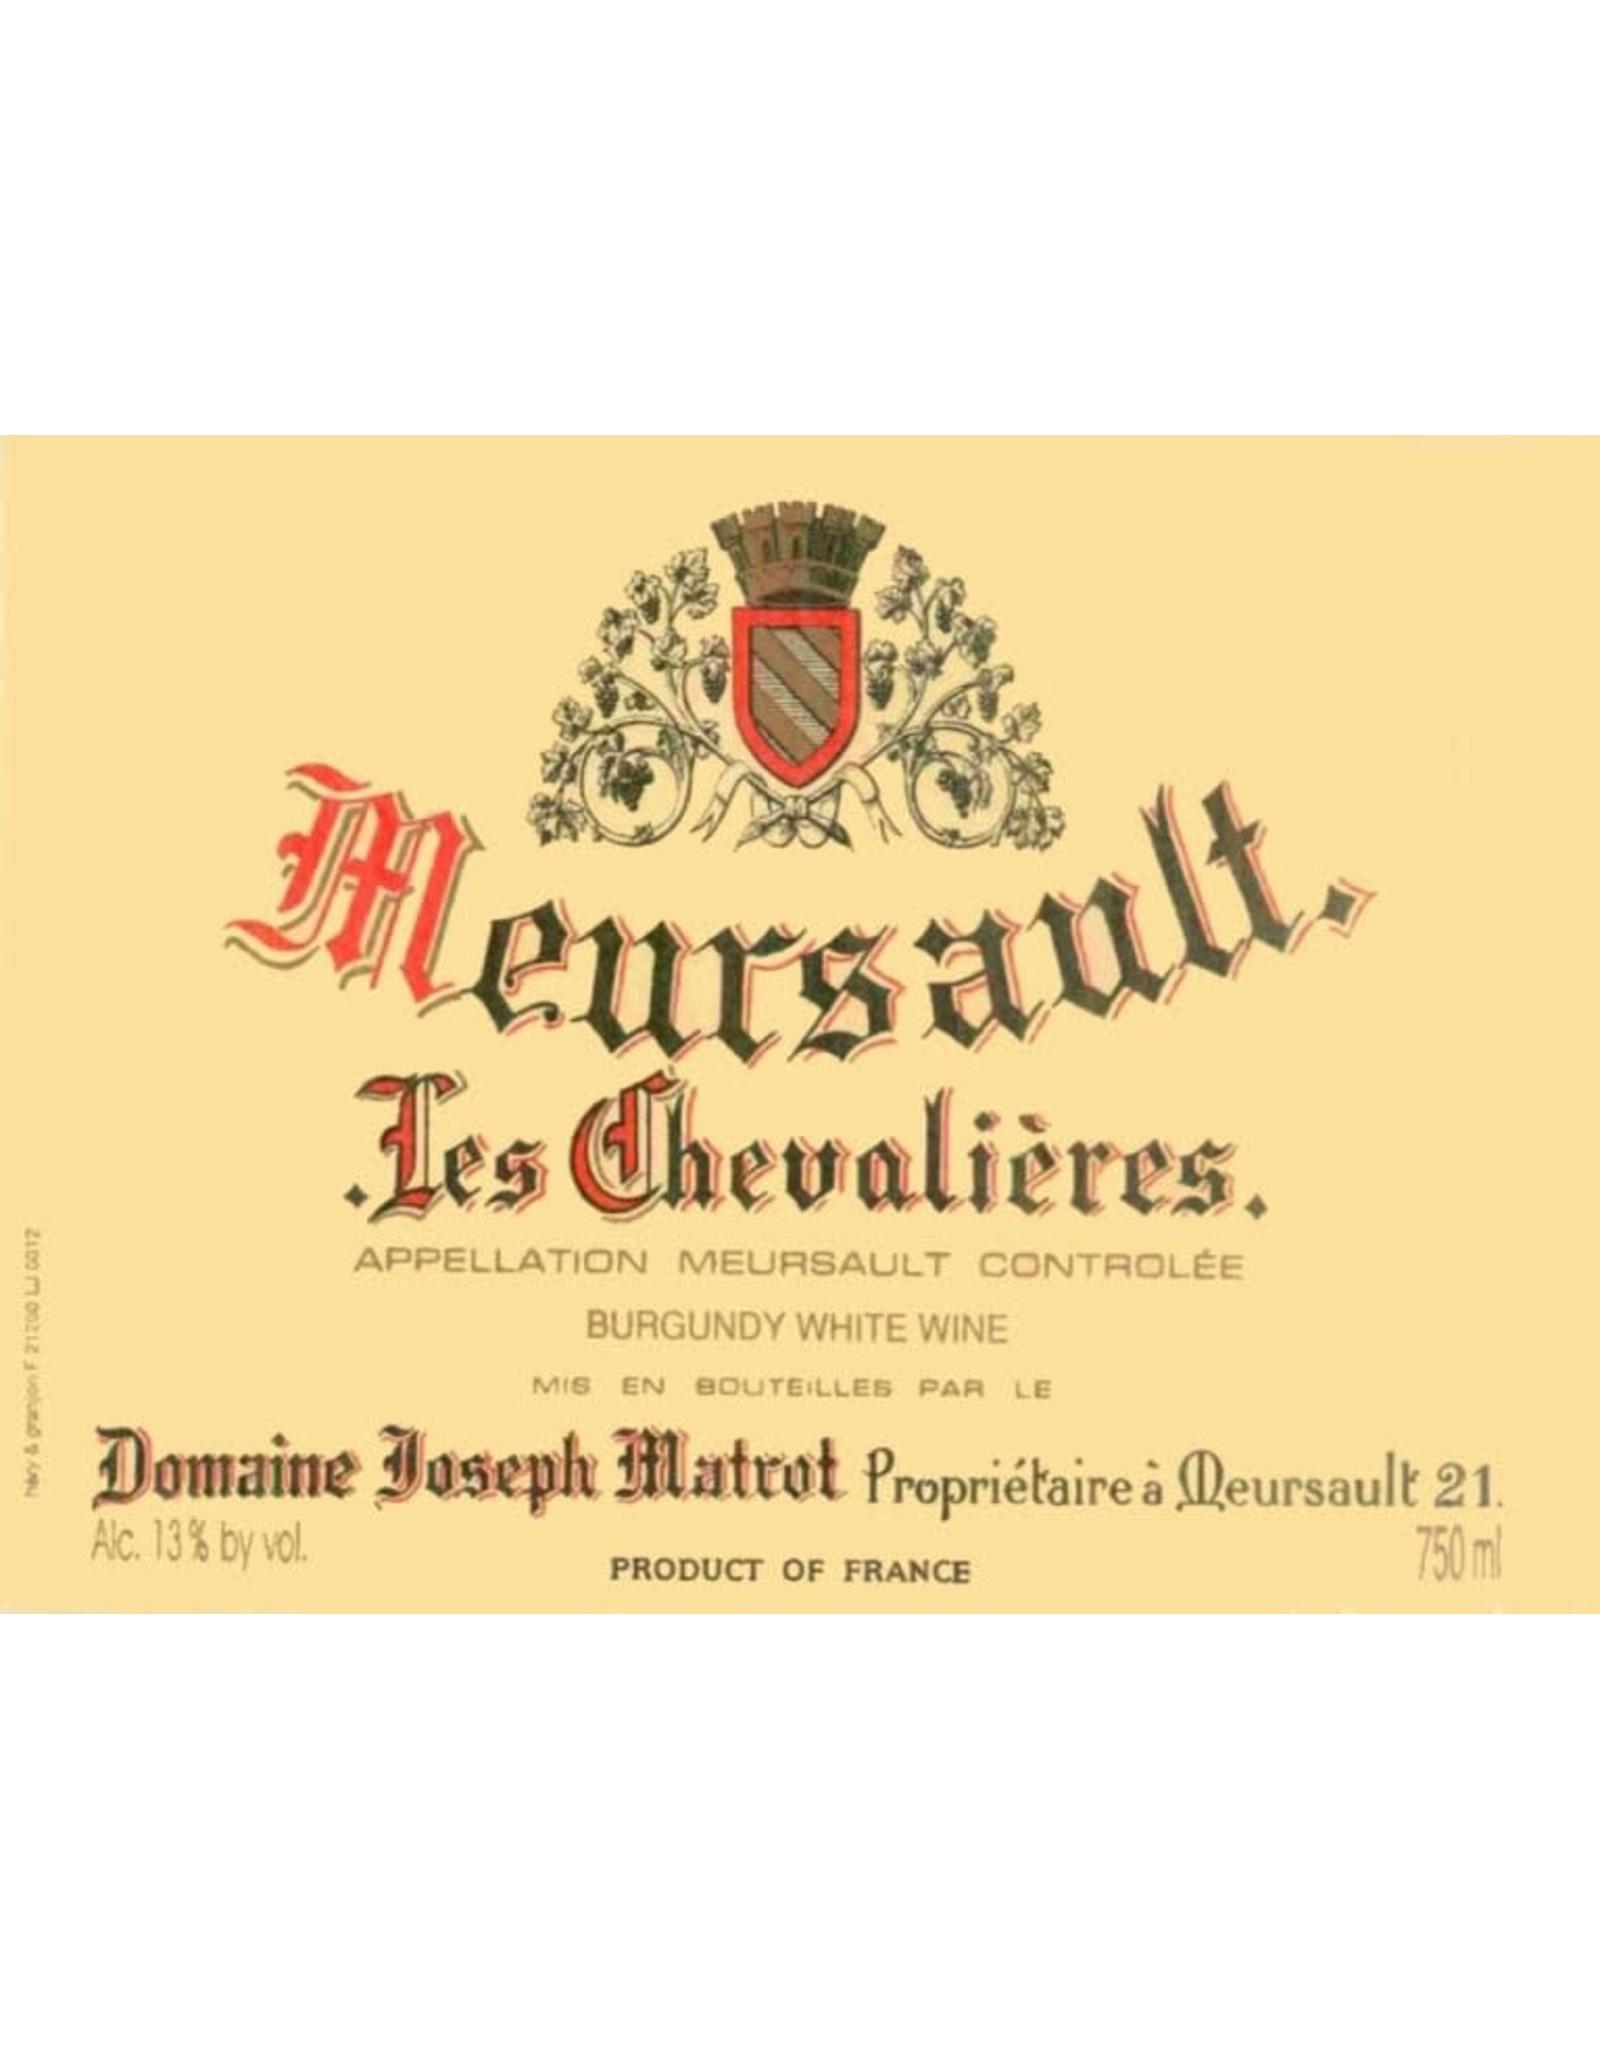 Pascale Matrot Meursault Les Chevalieres 2016